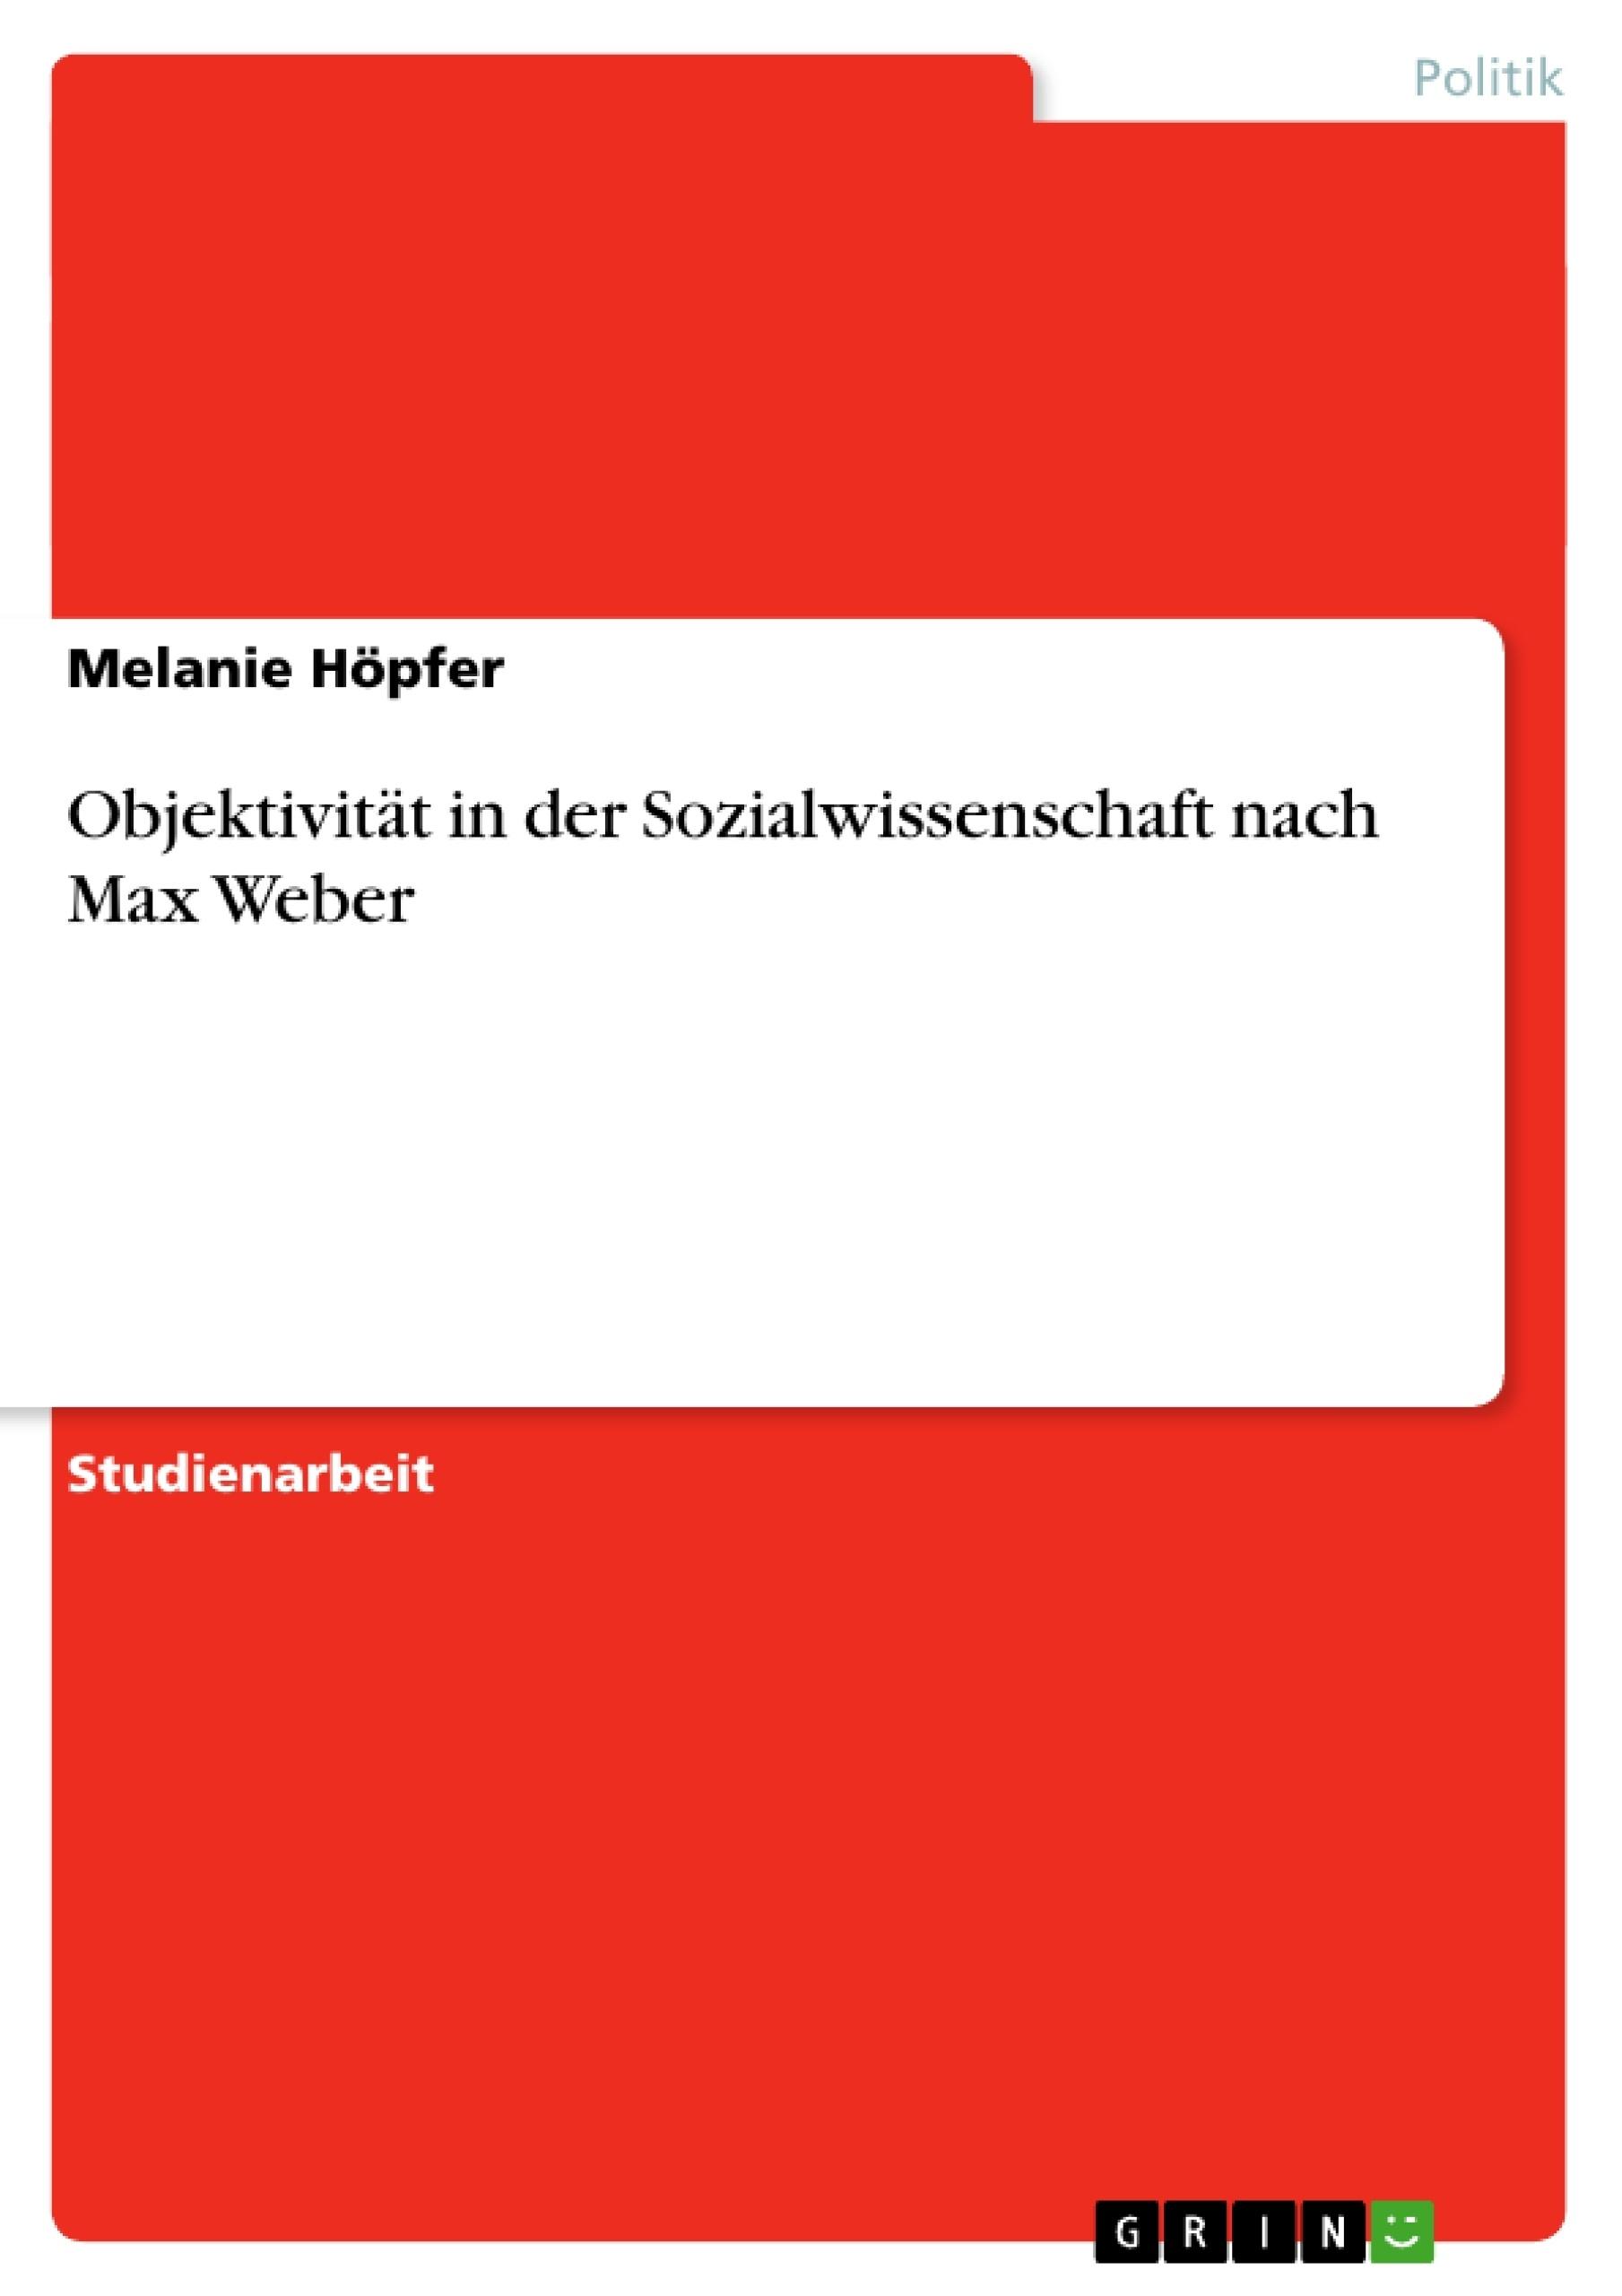 Titel: Objektivität in der Sozialwissenschaft nach Max Weber